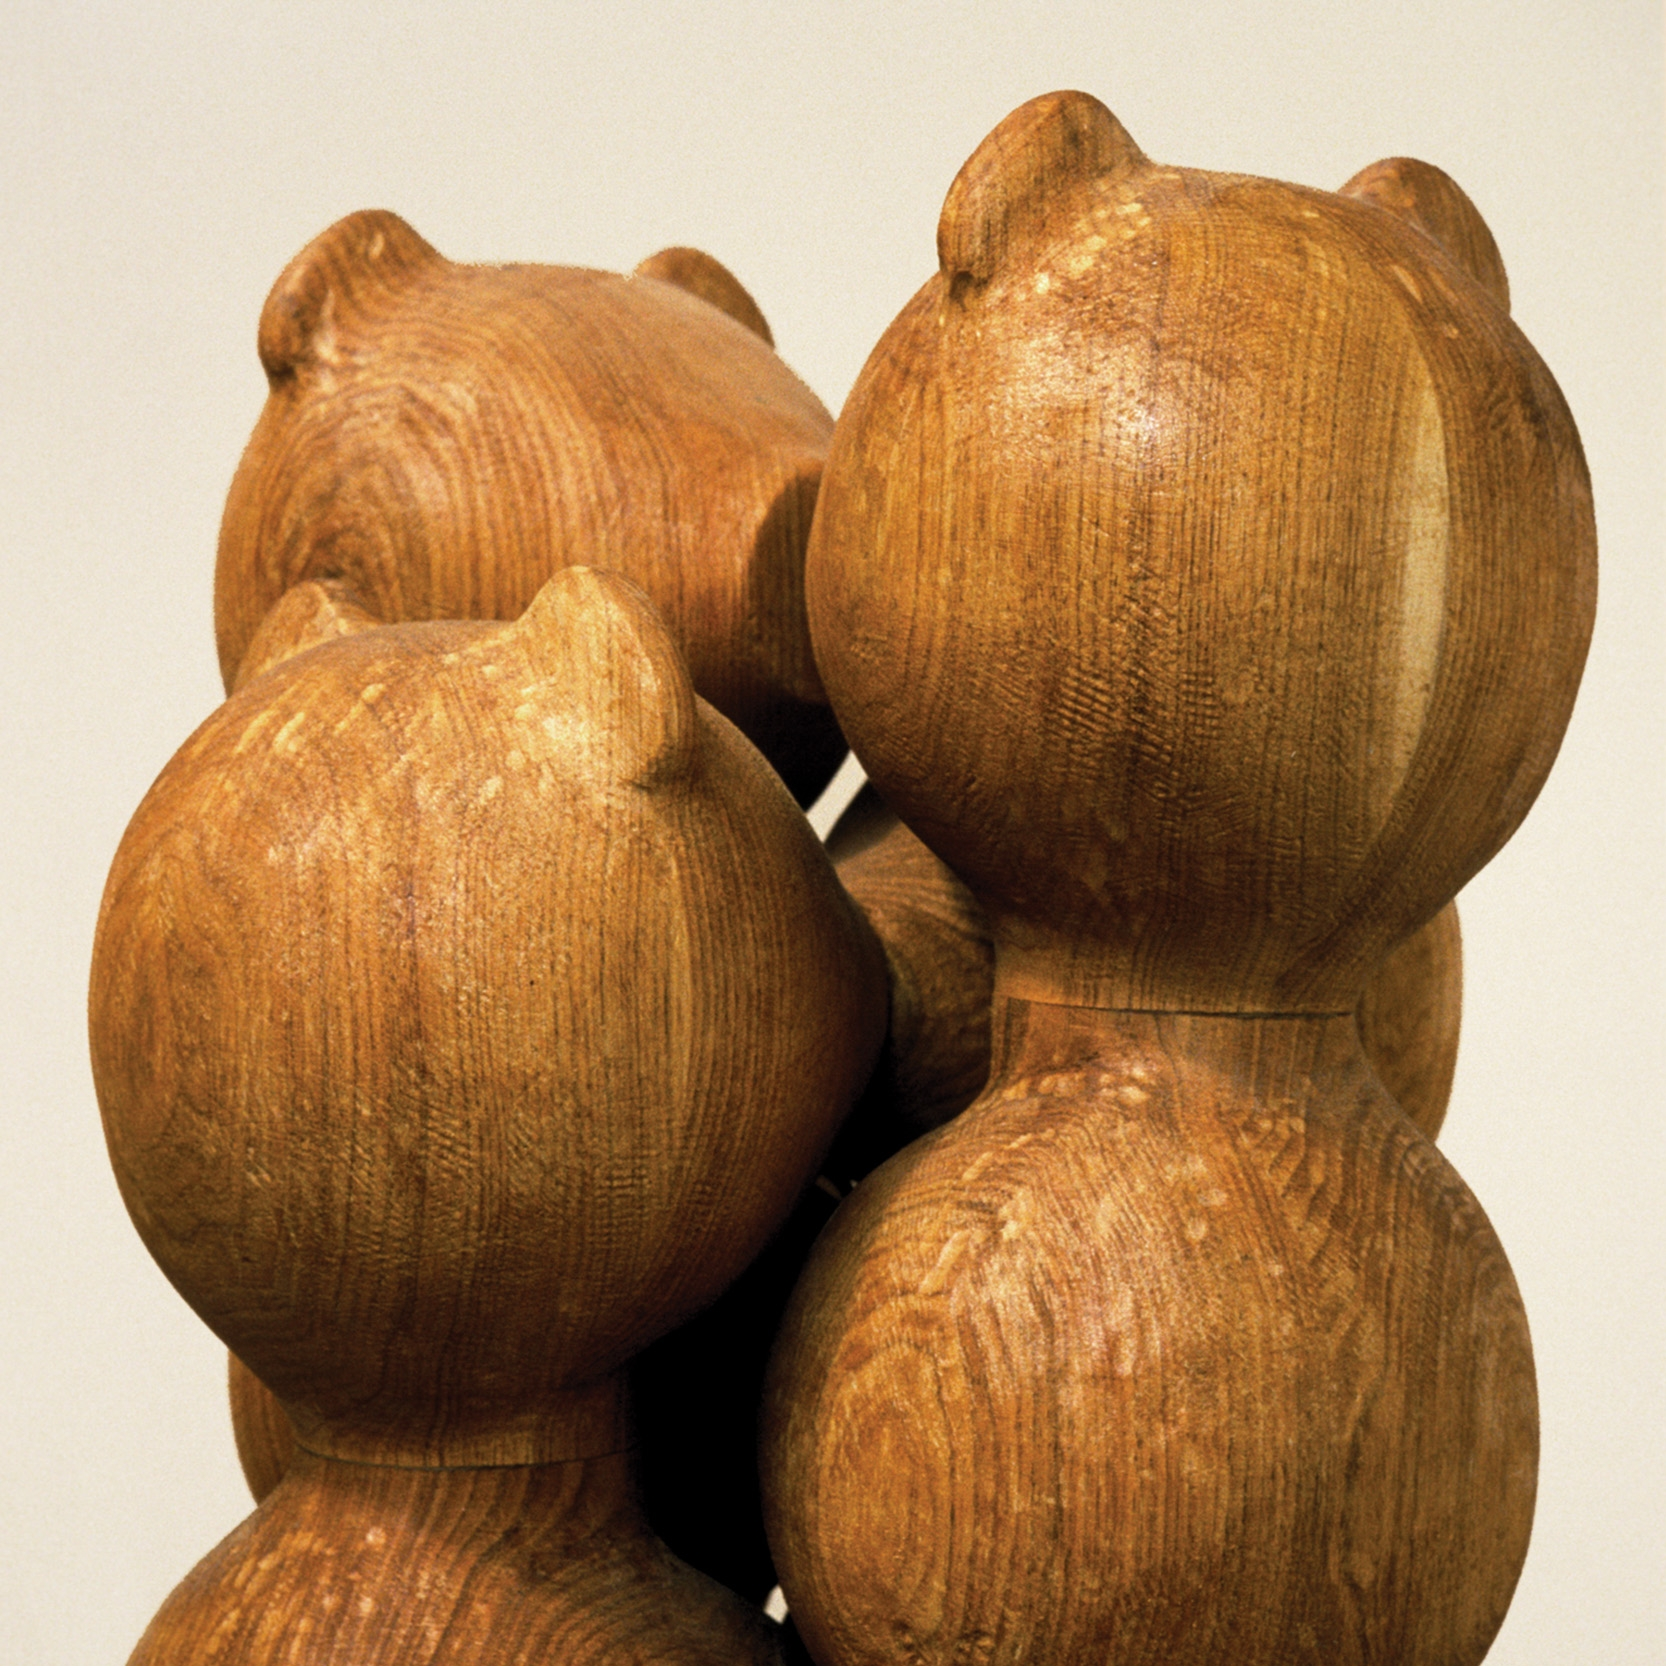 Composition à 8 baisers  |Tilleul/chêne/Noyer/170 x 130 x 40 cm